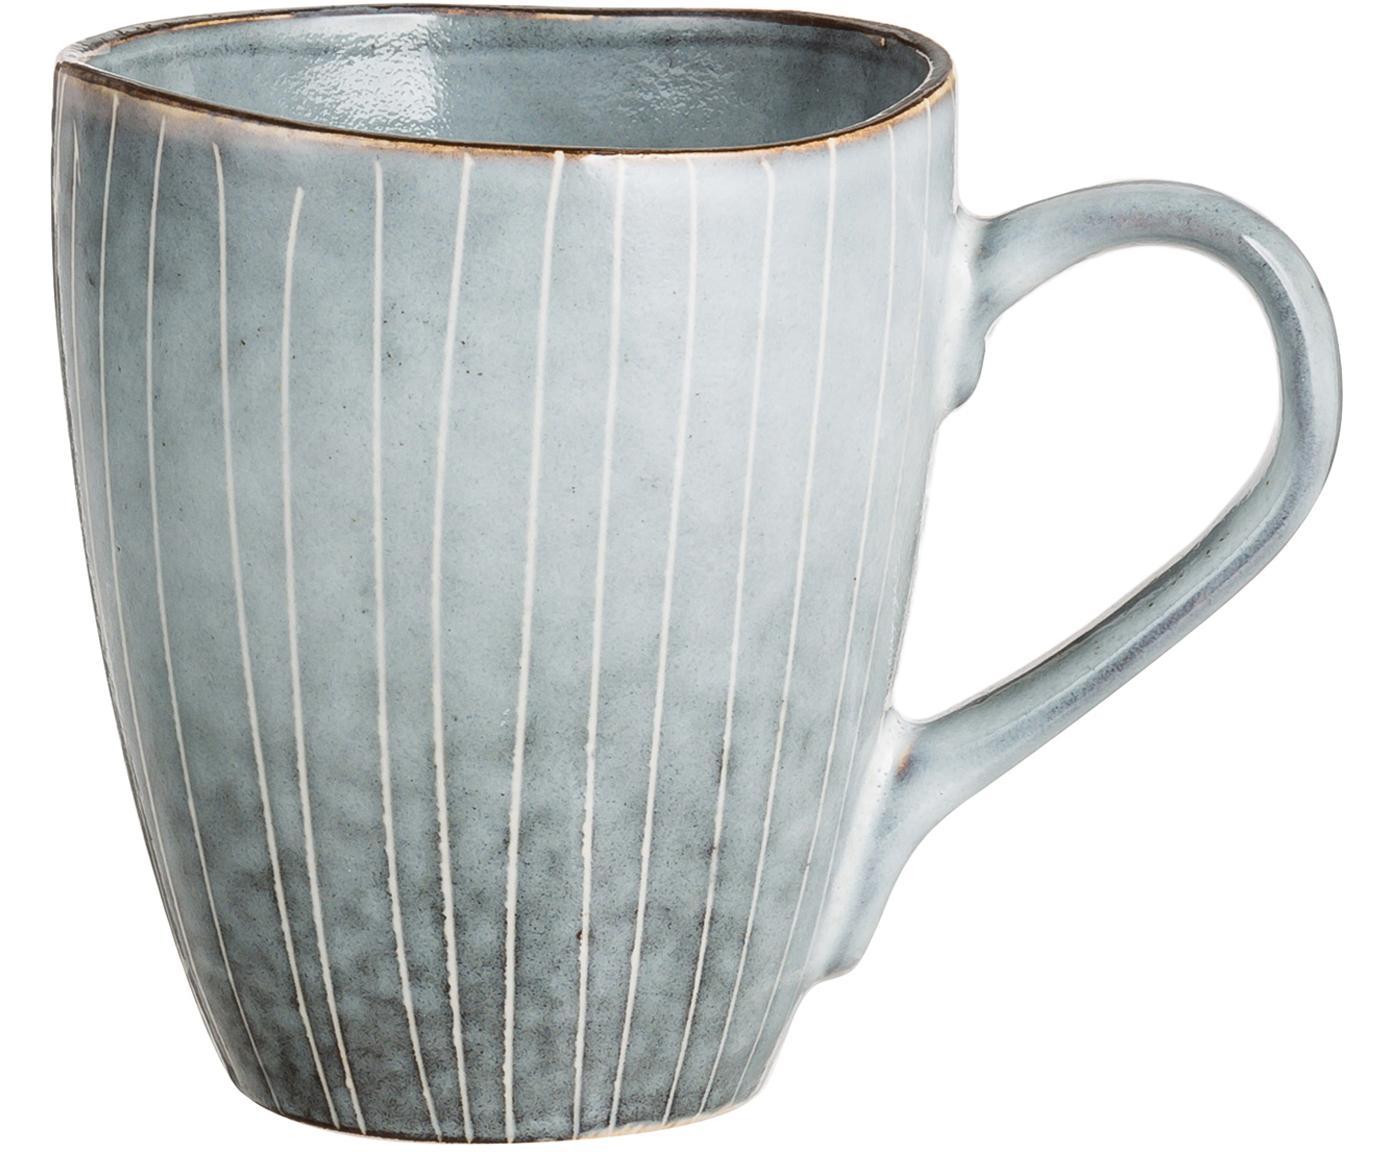 Tazas artesanales Nordic Sea, 6uds., Gres, Tonos grises y azules, Ø 8 x Al 10 cm